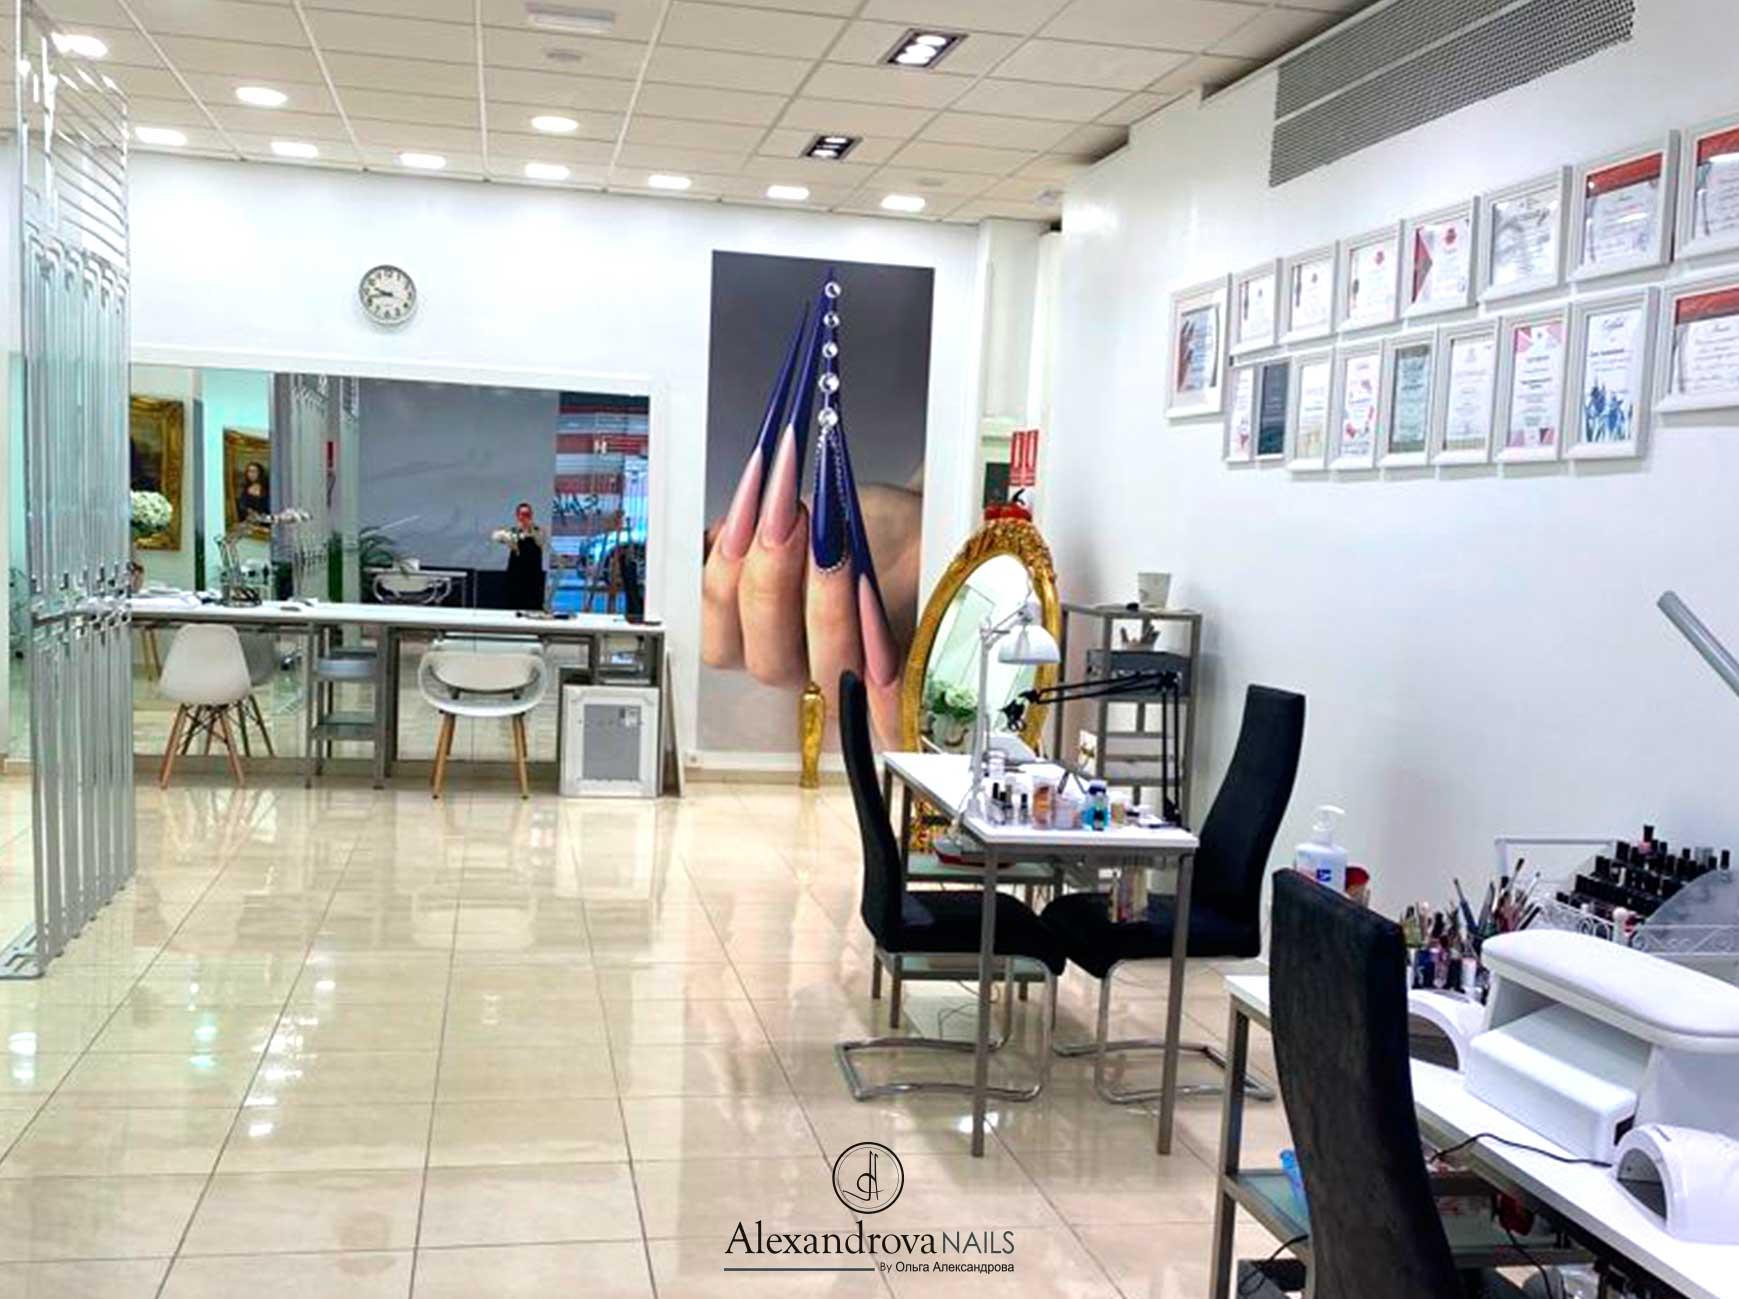 interior del centro de estética y salón de belleza donde hacen manicura y todo tipo de pintura de uñas